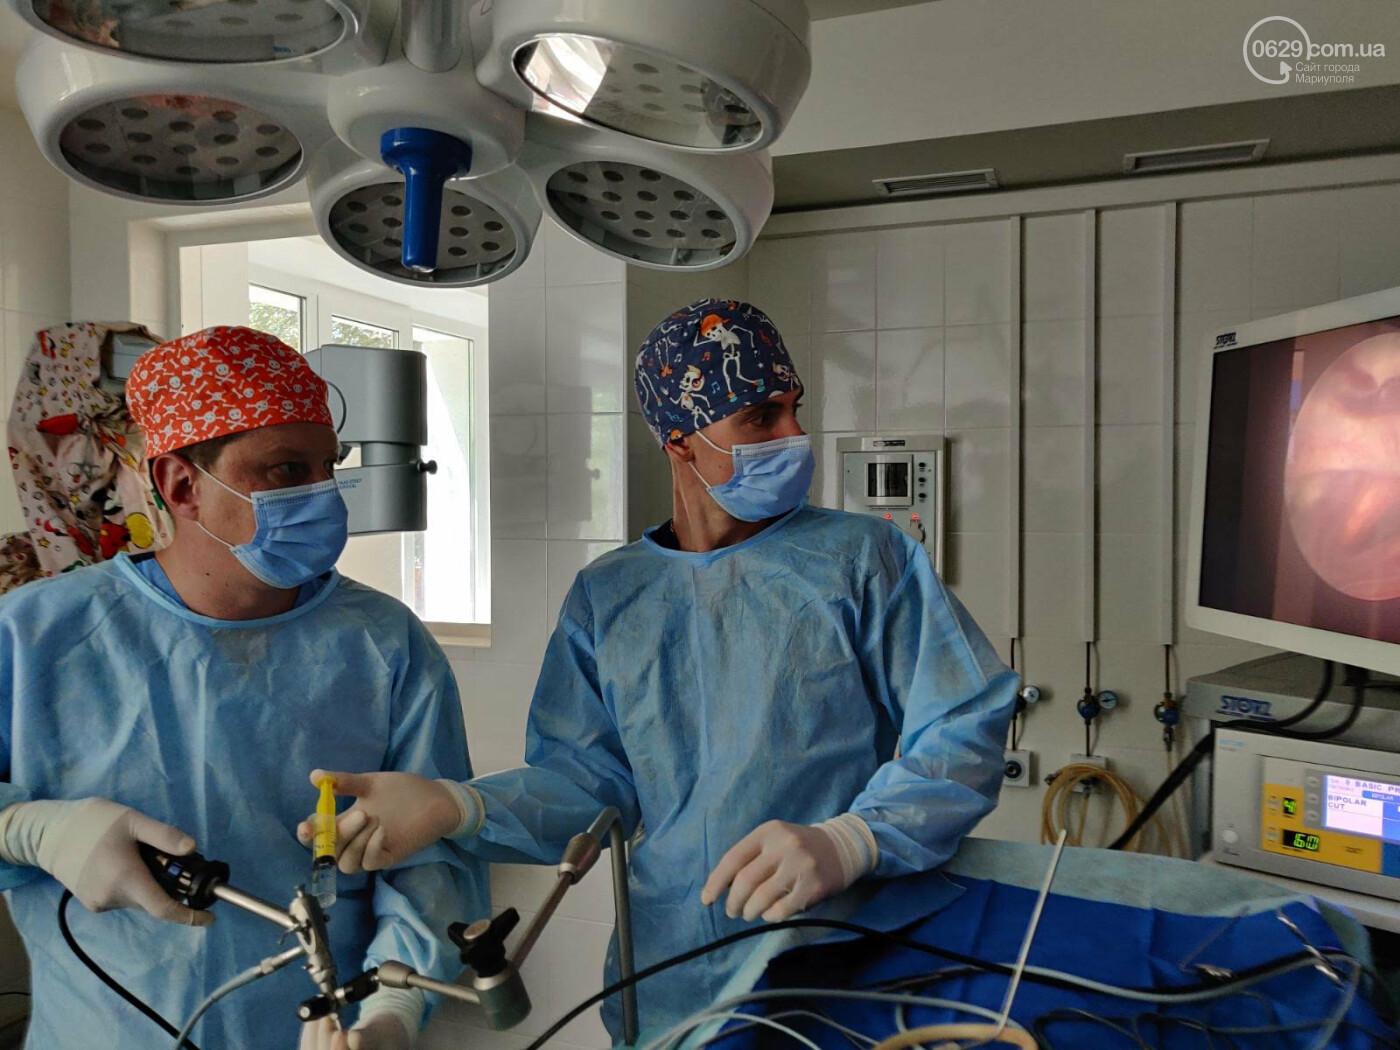 Уникальная хирургия. В Мариуполе делают операции, недоступные даже в областных центрах, - ФОТО, фото-3